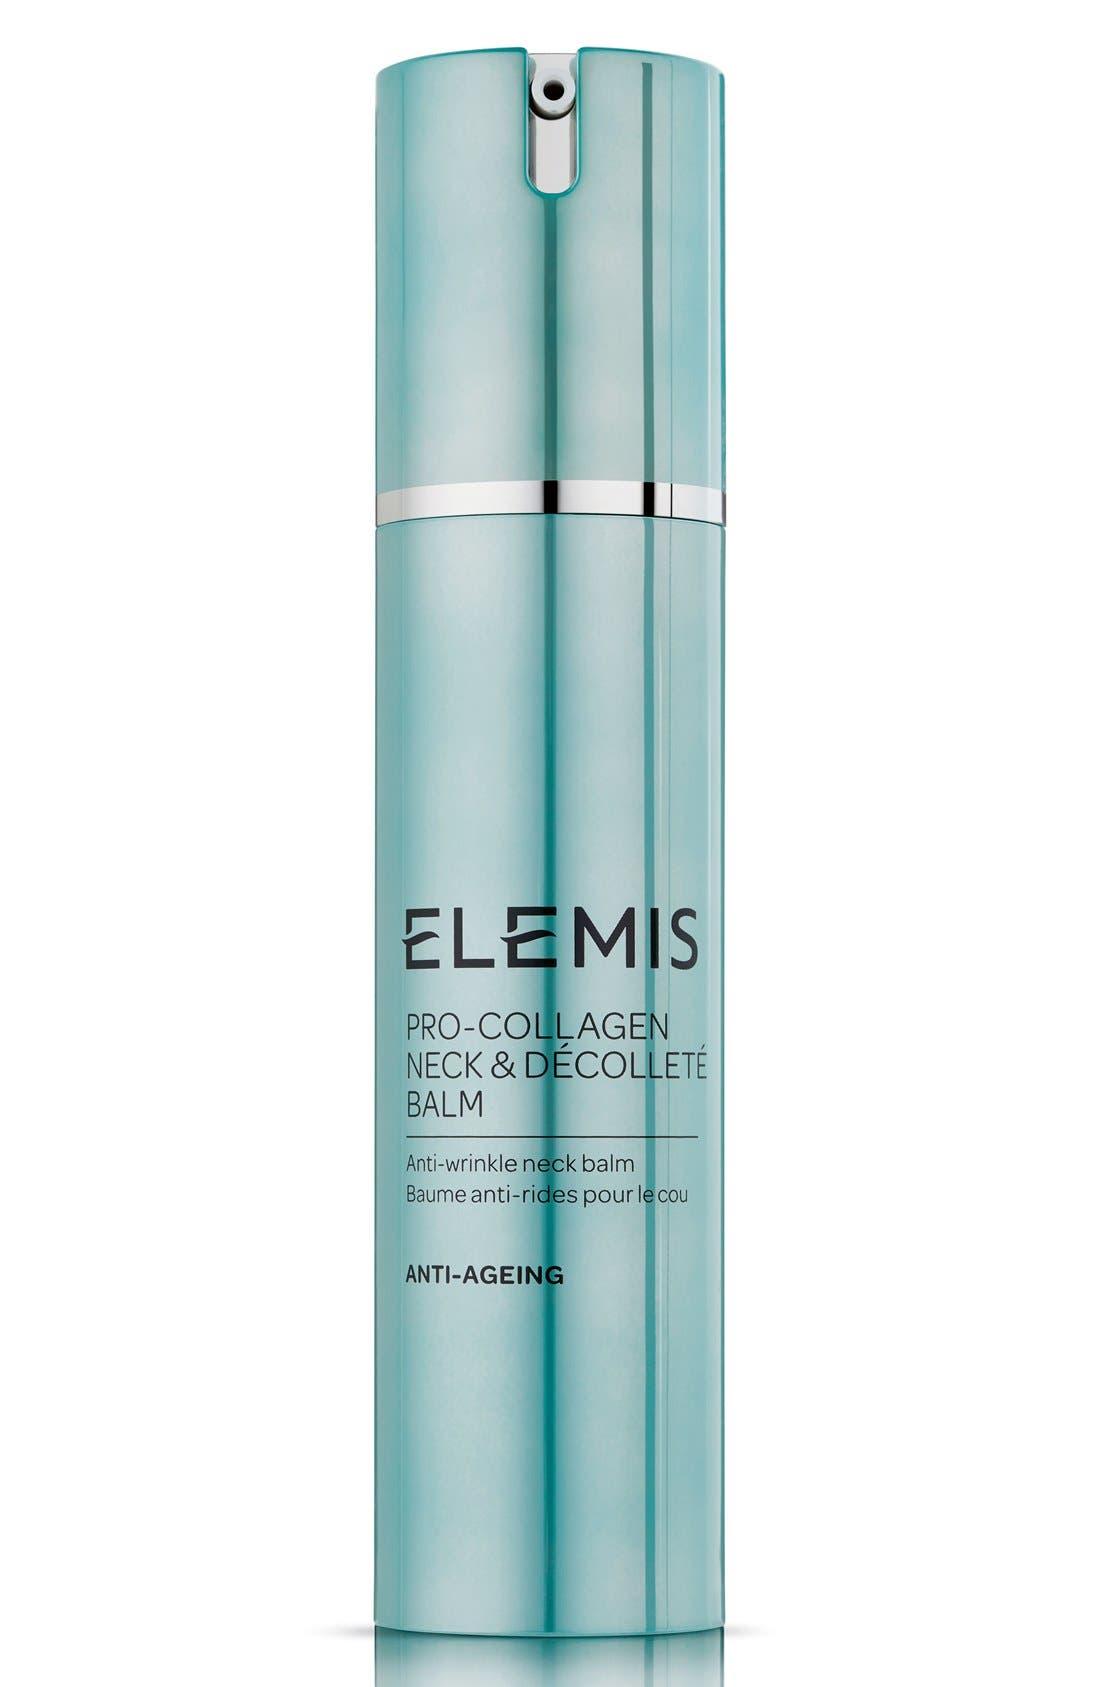 Elemis 'Pro-Collagen' Neck & Décolleté Balm